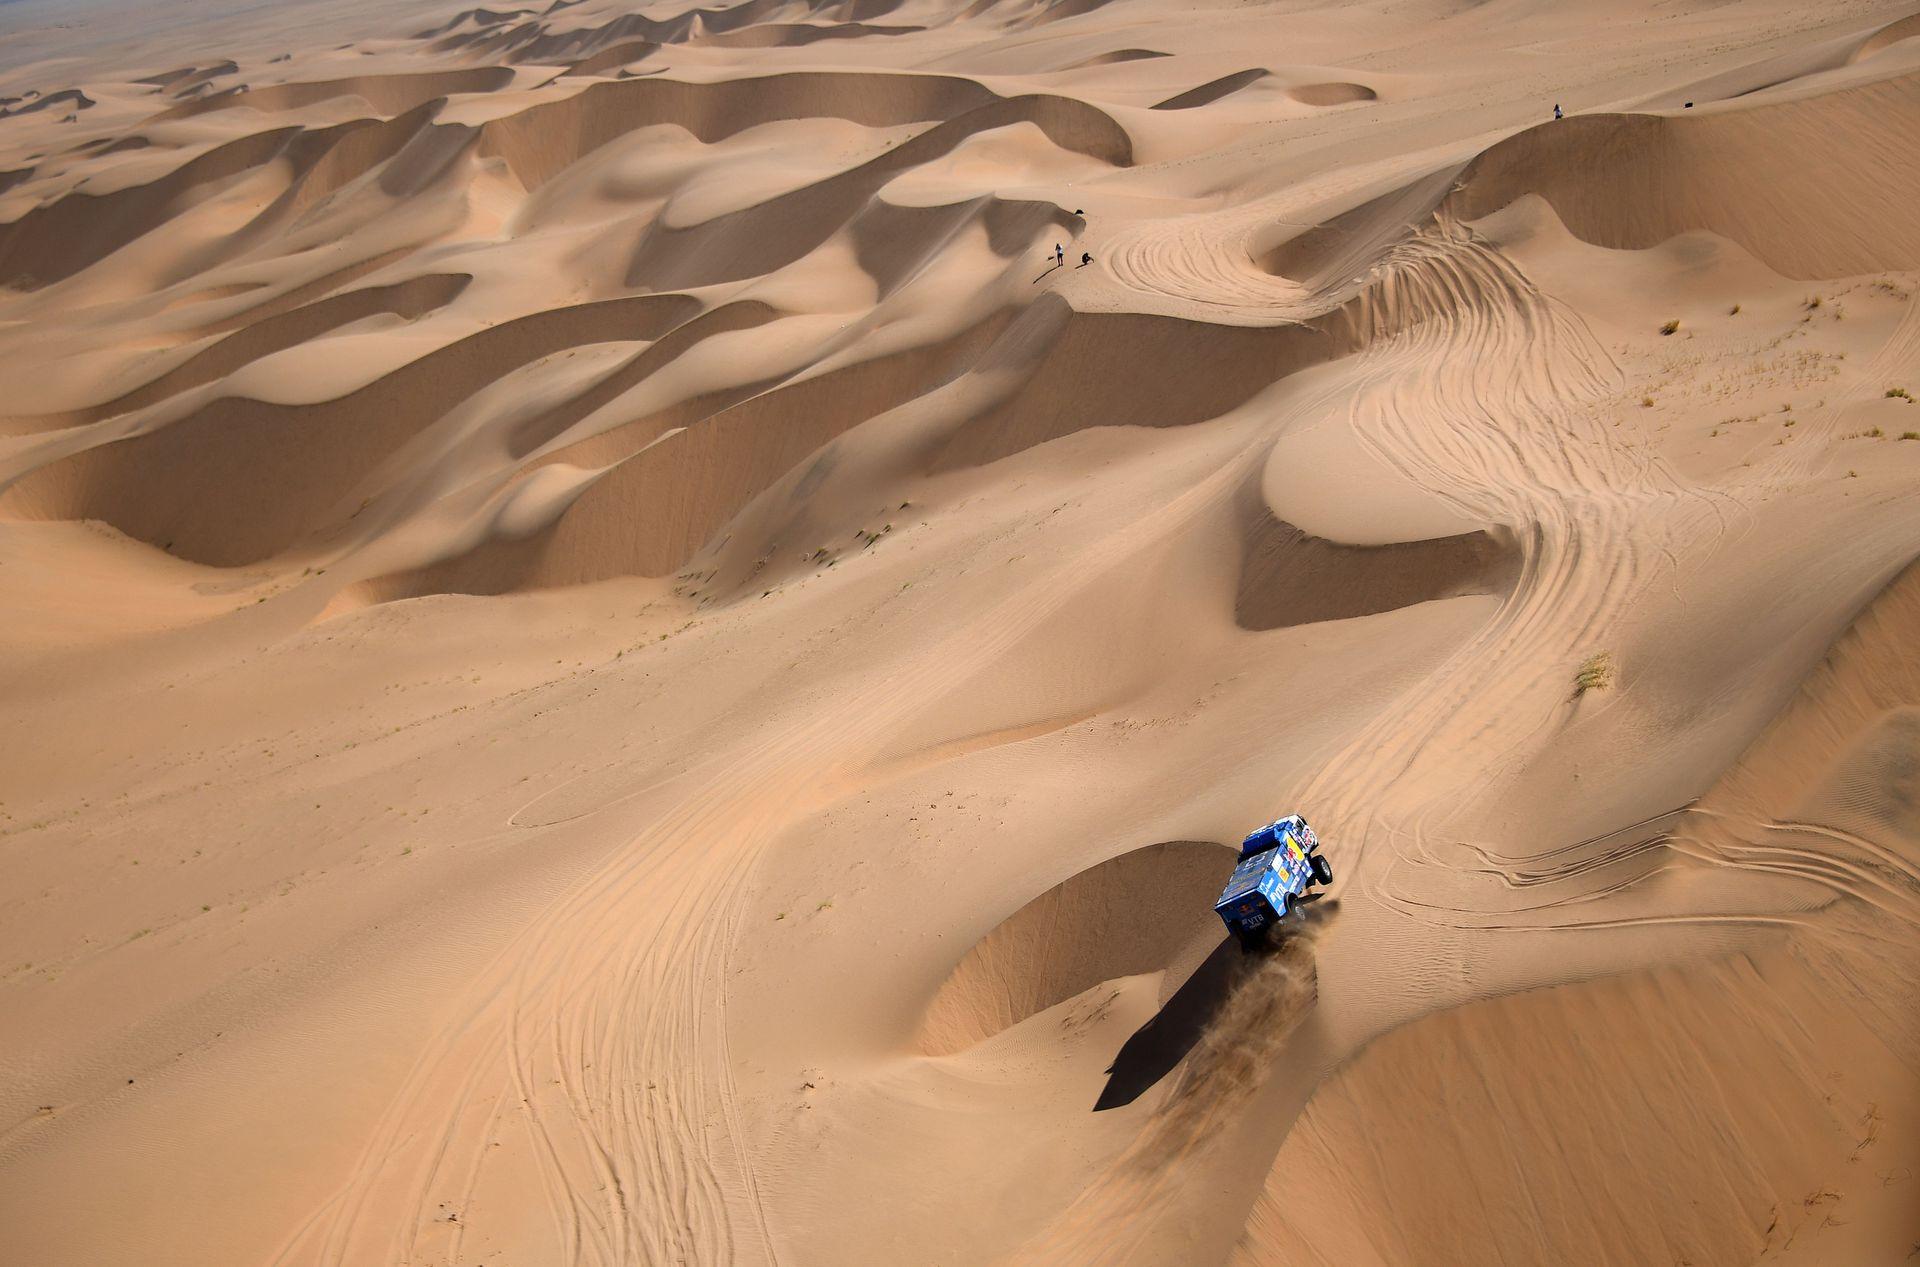 El piloto ruso de Kamaz, Anton Shibalov, y el copiloto Dmitry Nikitin e Ivan Tatarinov compiten durante la segunda etapa del Rally Dakar 2021 entre Bisha y Wadi Ad-Dawasir en Arabia Saudita